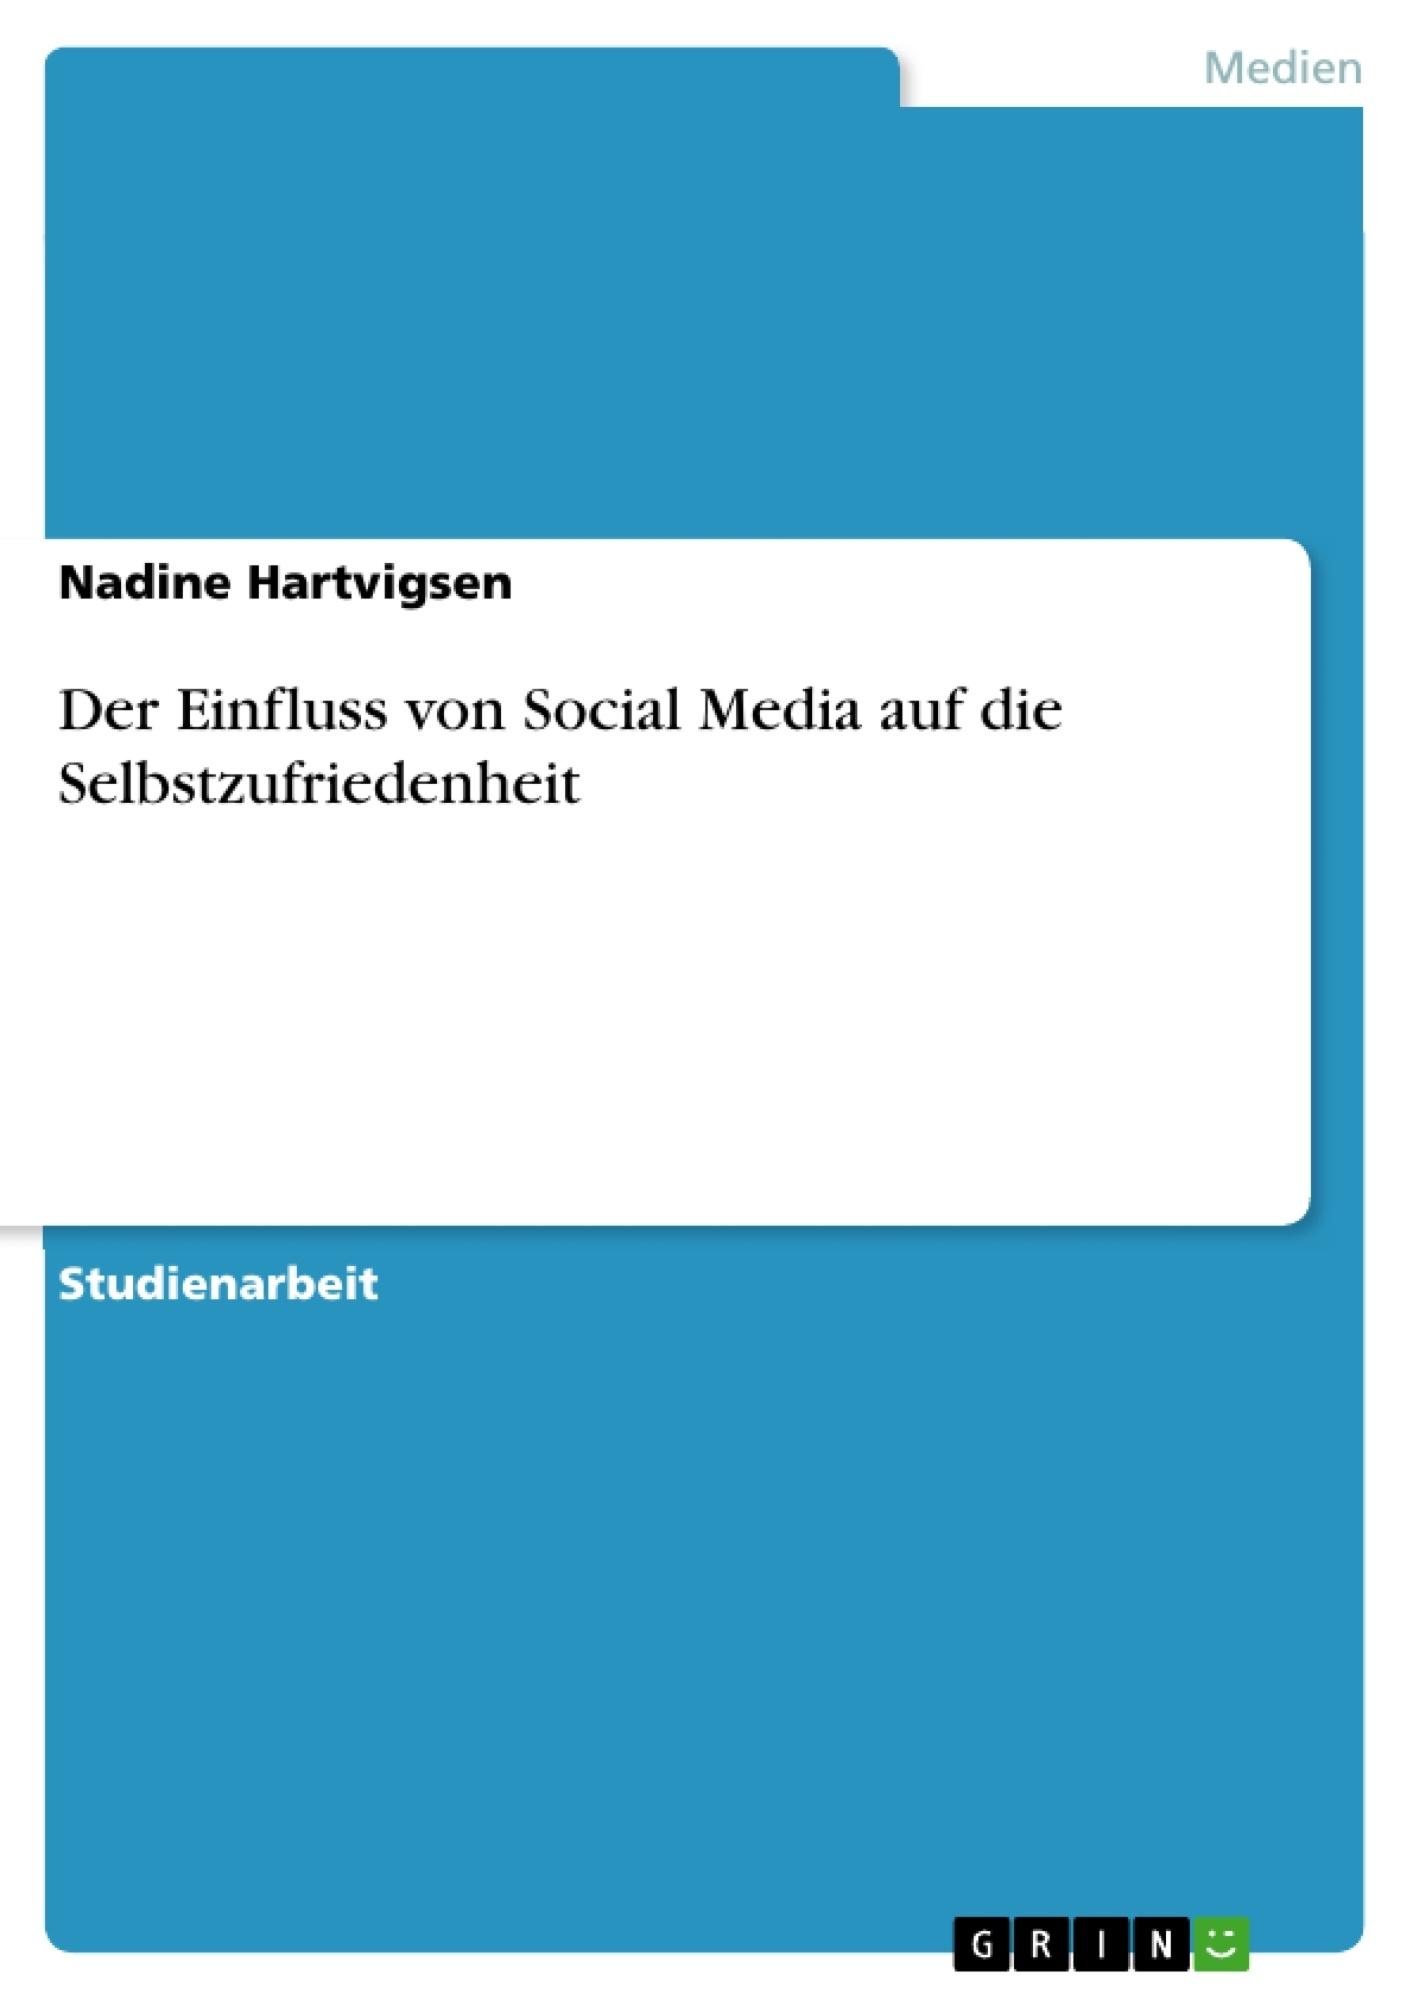 Titel: Der Einfluss von Social Media auf die Selbstzufriedenheit